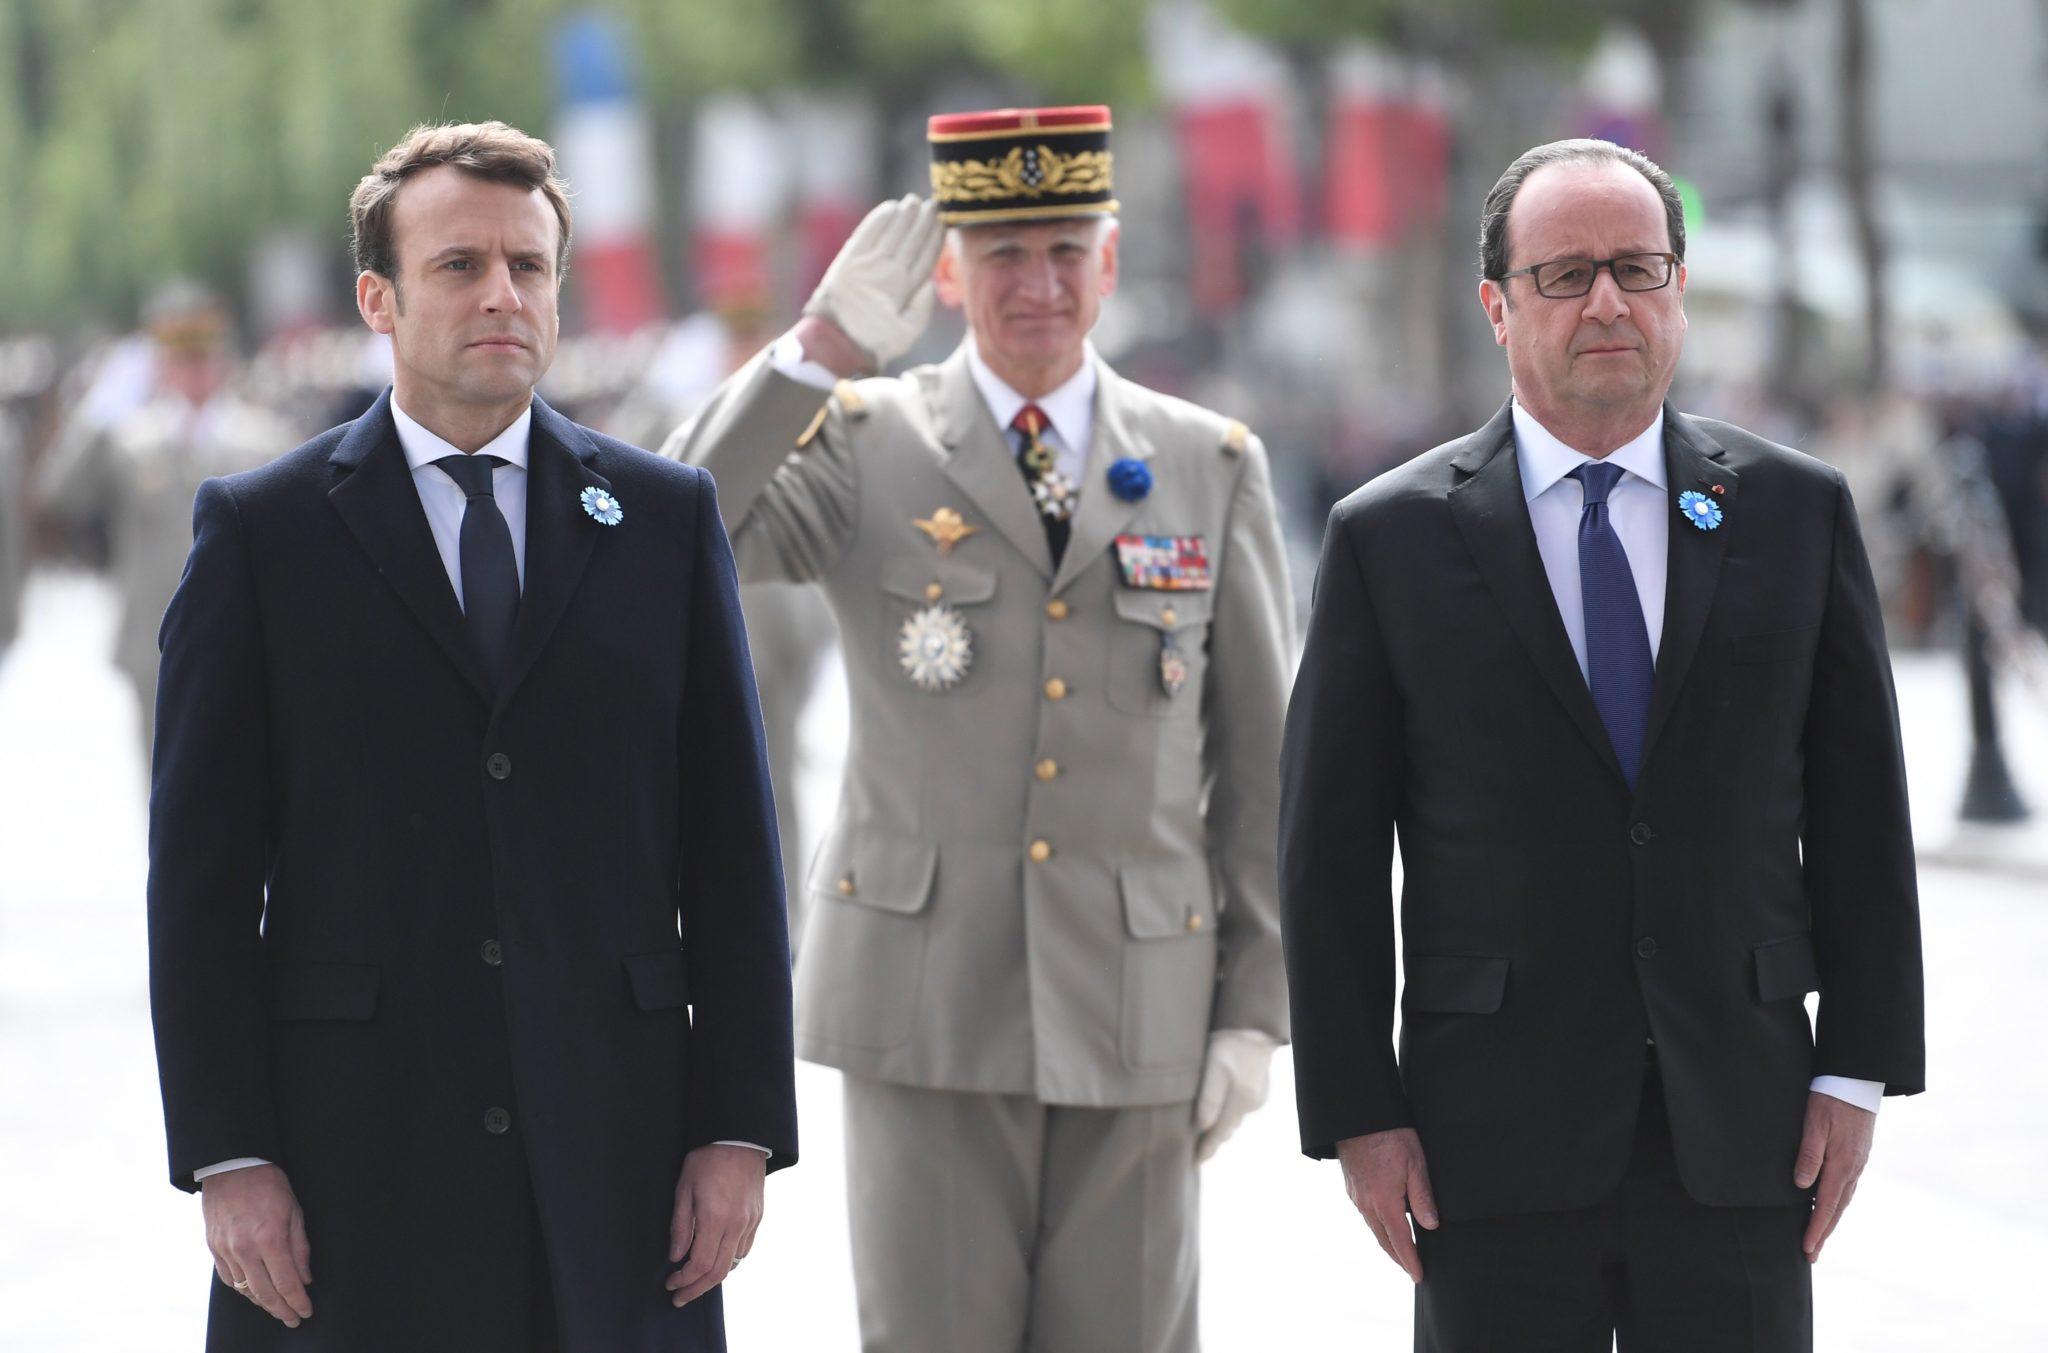 Francja: obchody Dnia Zwycięstwa w Paryżu. Po praz pierwszy w oficjalnych uroczystościach, oprócz urzędującego prezydenta, wziął udział prezydent elekt Emmanuel Macron (foto. PAP/EPA/STEPHANE DE SAKUTIN)